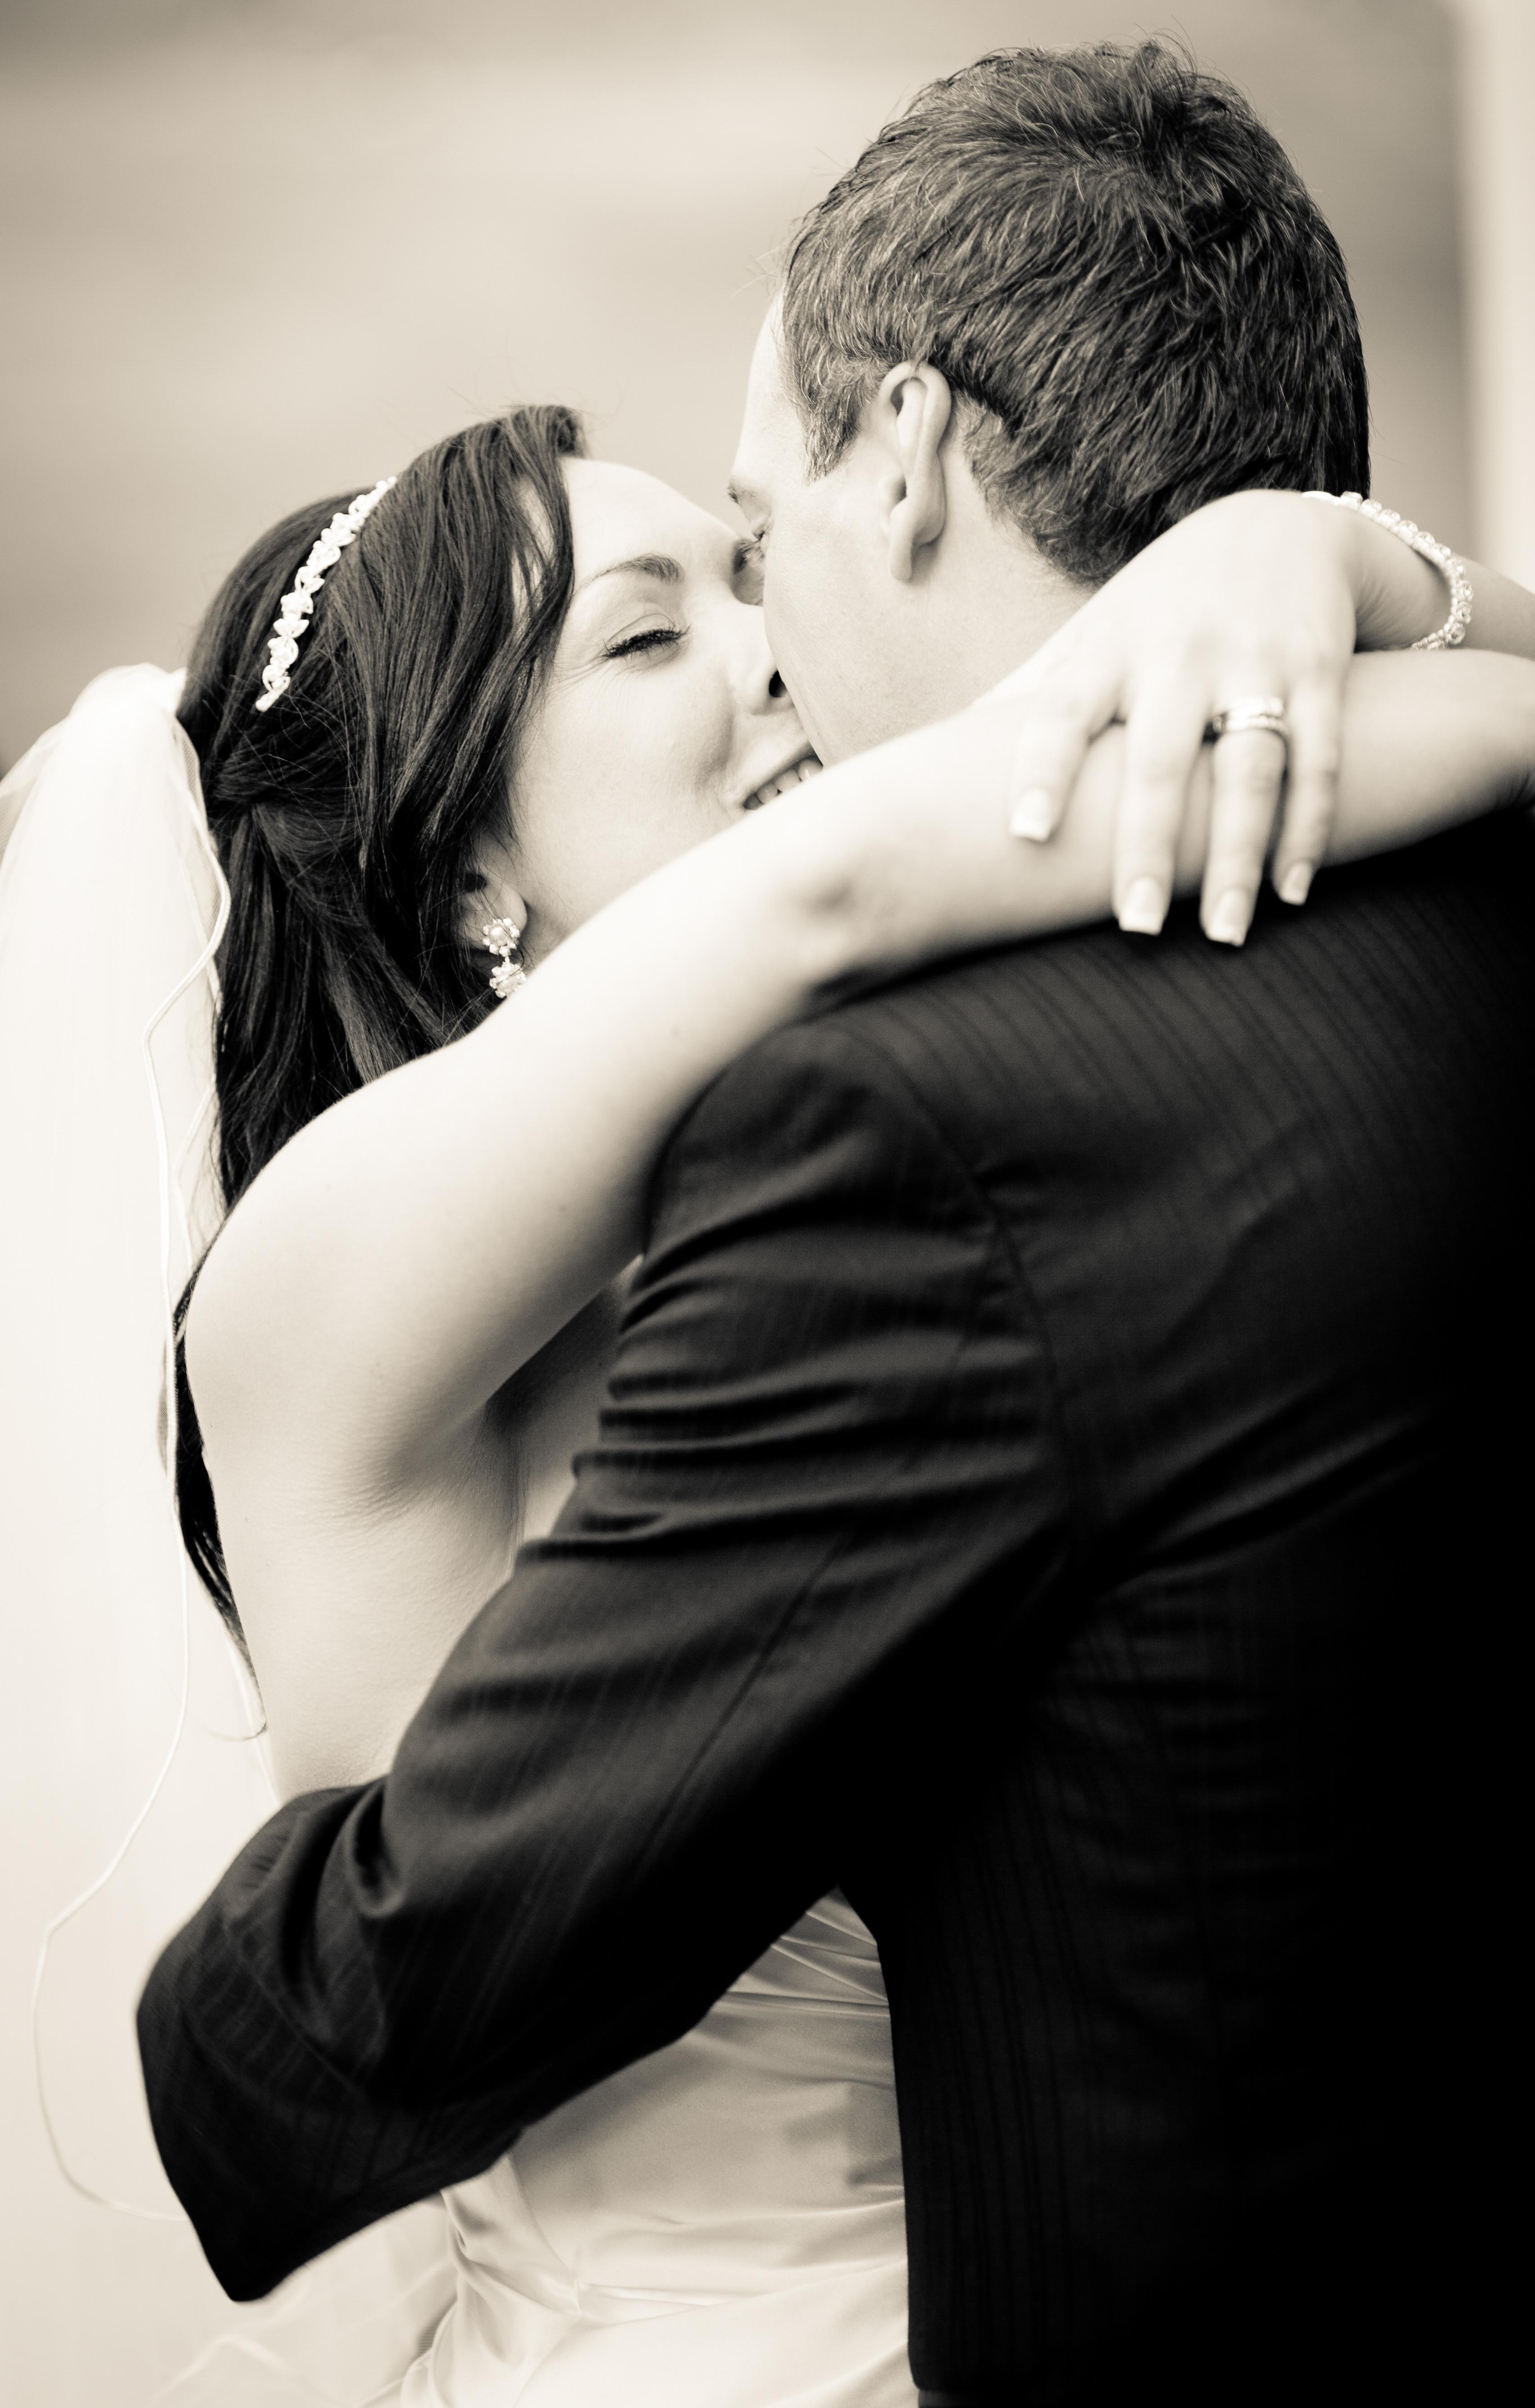 épousailles & amour fou